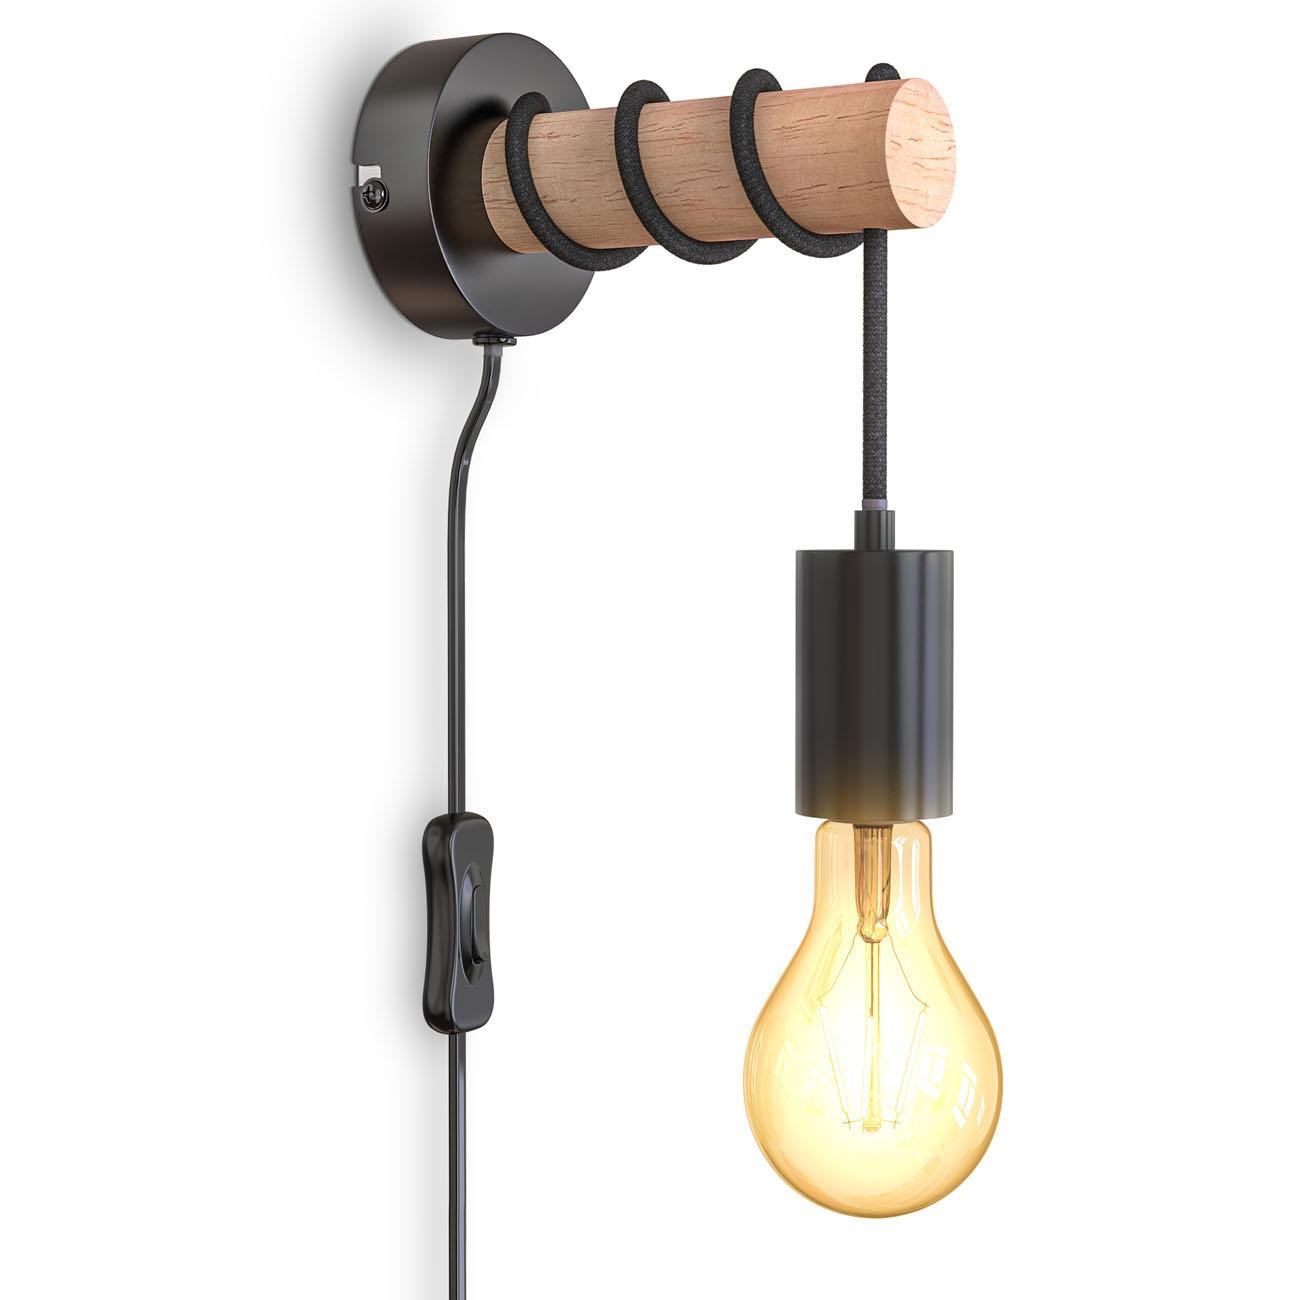 Retro Wandleuchte Metall-Holz-Optik mit Schalter schwarz E27  - 1